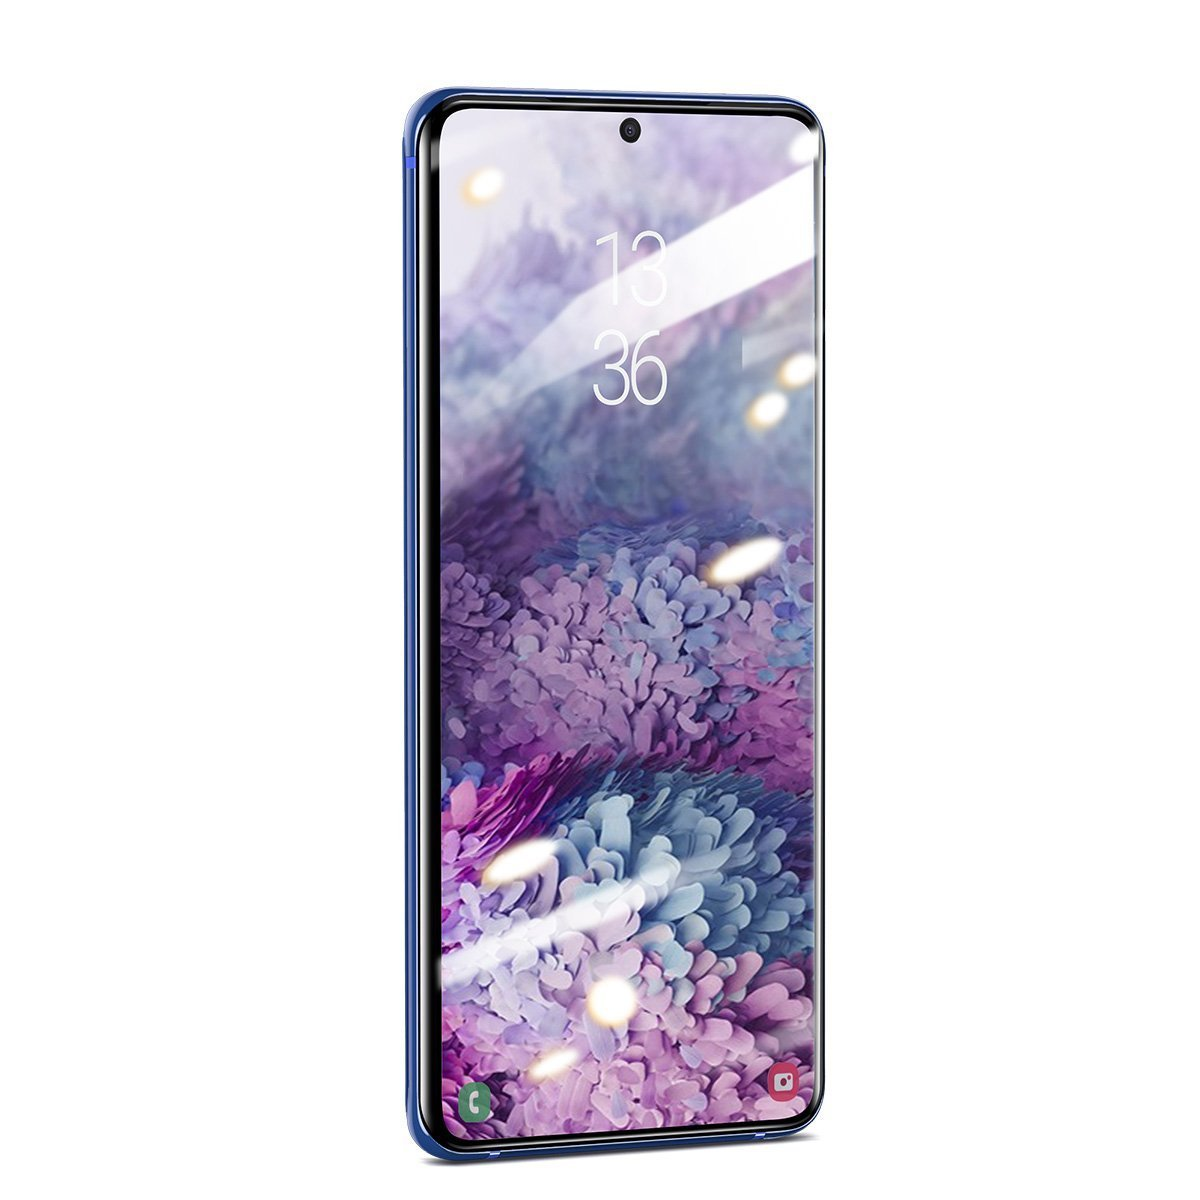 Pachet 2 folii de sticla pentru protectie ecran, Samsung Galaxy S20 Ultra, Transparent & Curbat imagine